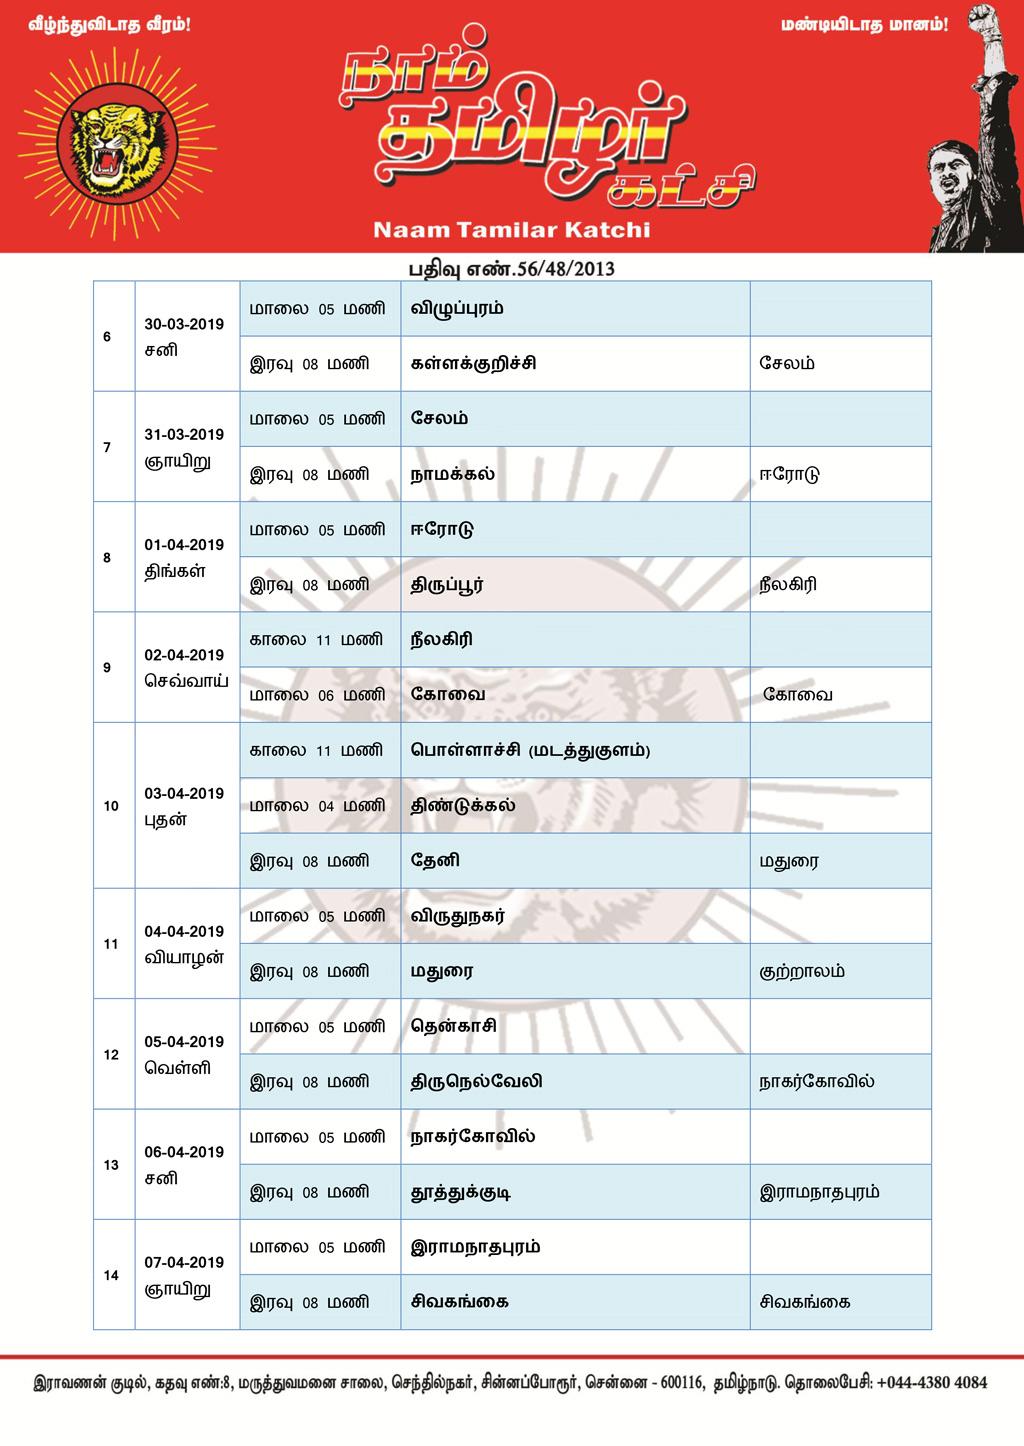 சுற்றறிக்கை: சீமான் தேர்தல் பரப்புரைப் பயணத்திட்டம் [சில மாறுதல்களுடன்] ntk election secretary raavanan released modified election campaign schedule of chief seeman 3